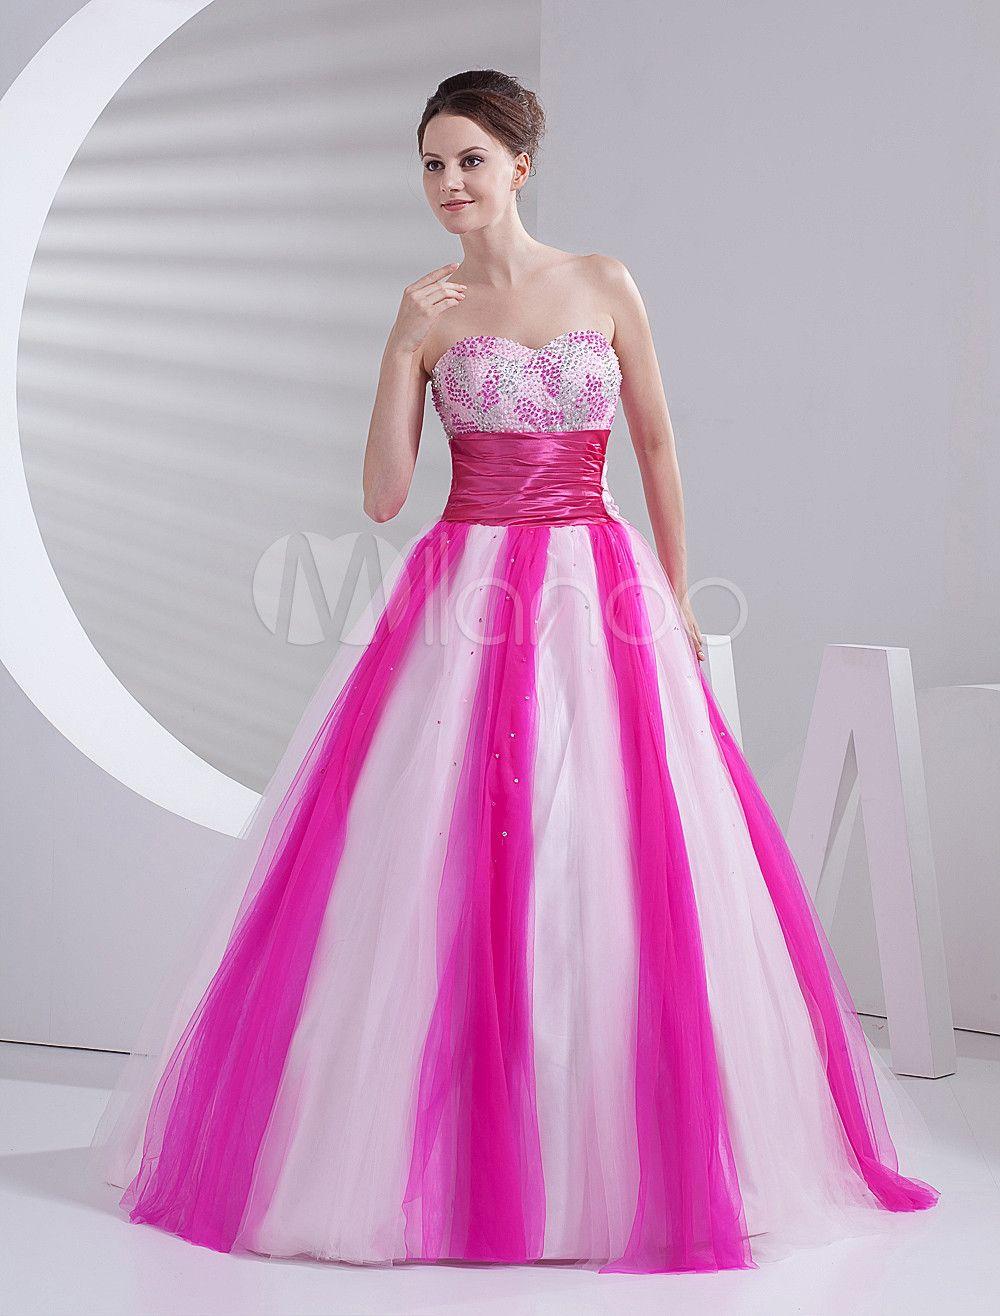 Pink Princess Prom Dress - Ocodea.com